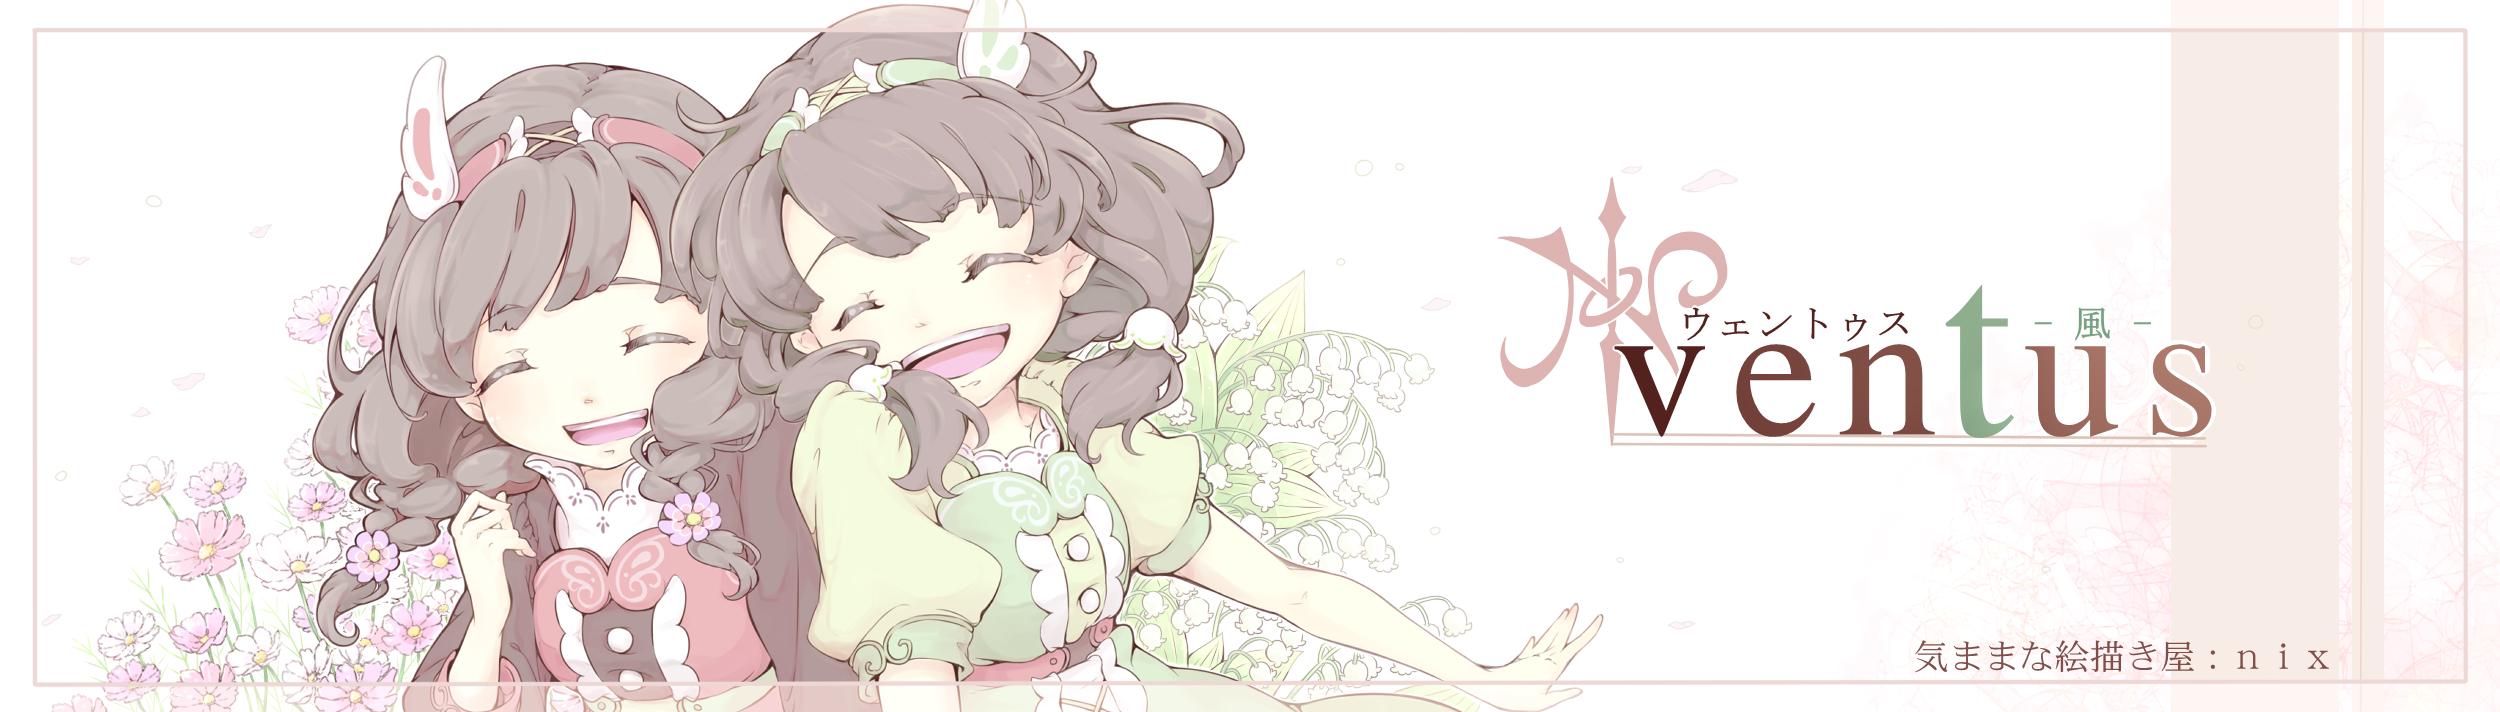 Ventus-風-